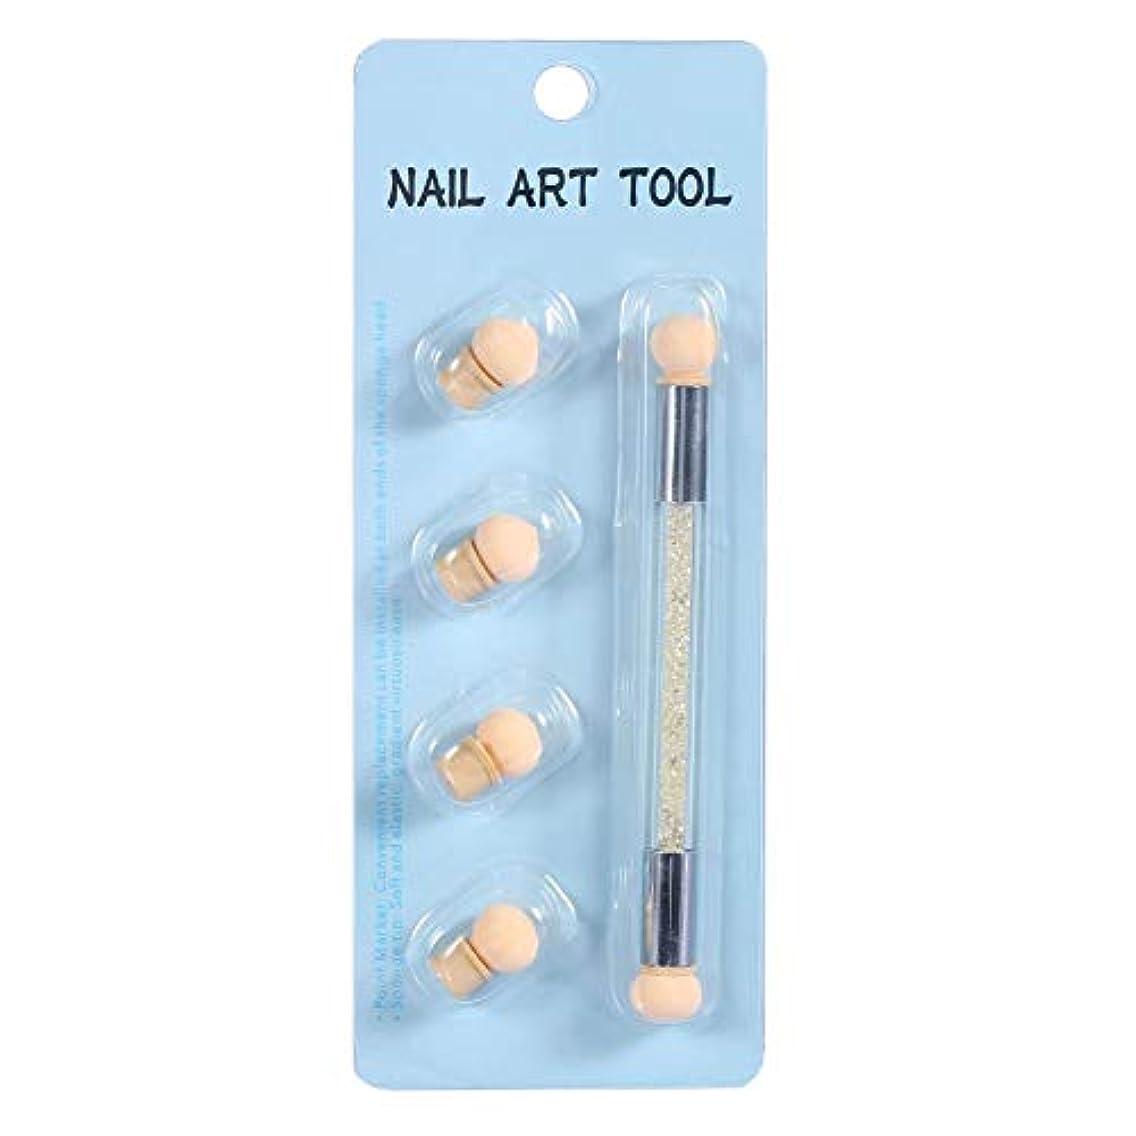 塗抹放出征服者ネイルアート 4個 交換用 スポンジヘッド ネイルアートスポンジブラシ ネイル筆 ドットペン